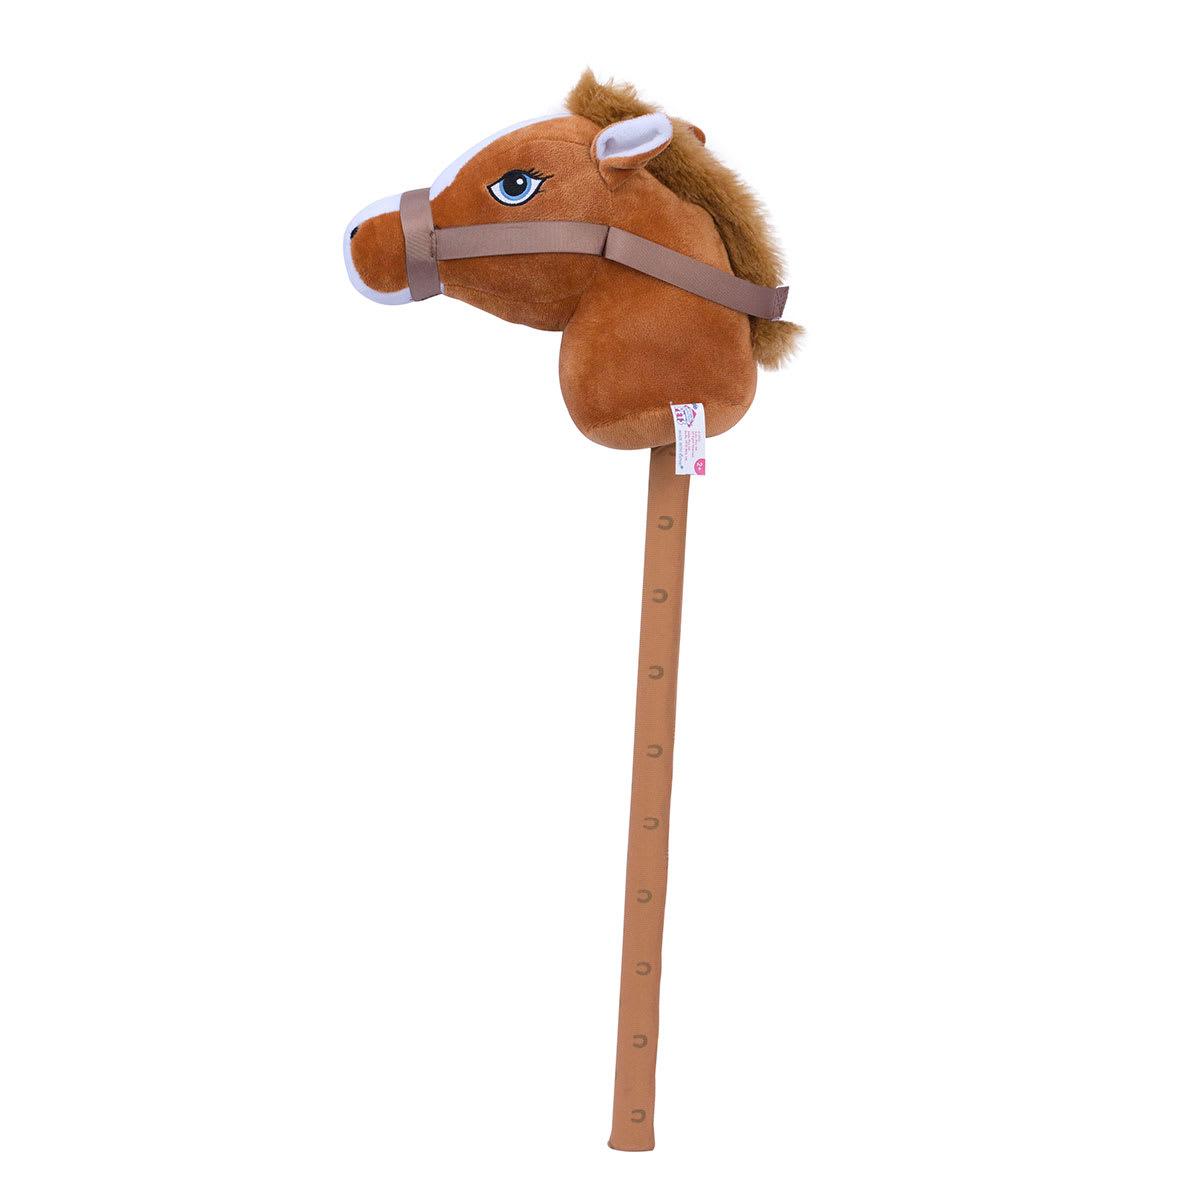 H 68 cm - Få hesten til at vrinske og rid afsted mod nye eventyr